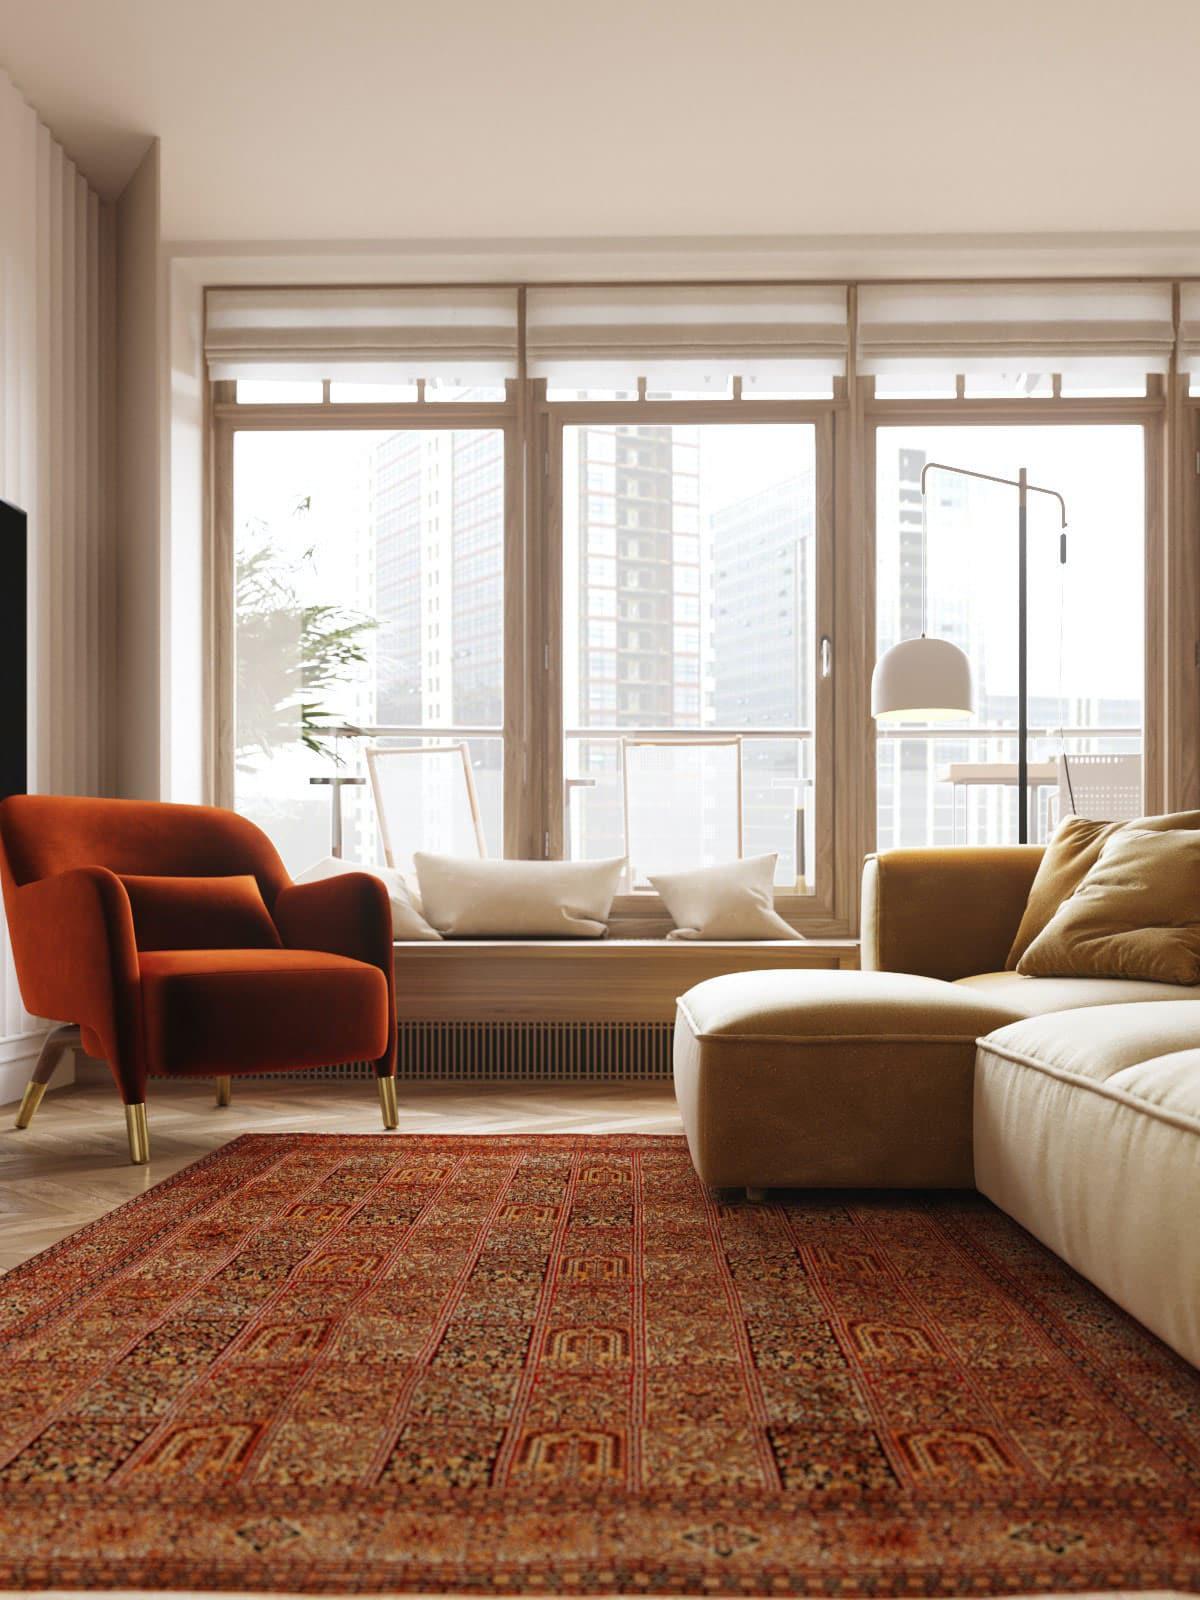 Идеально подобранные цвета в просторной гостиной комнате